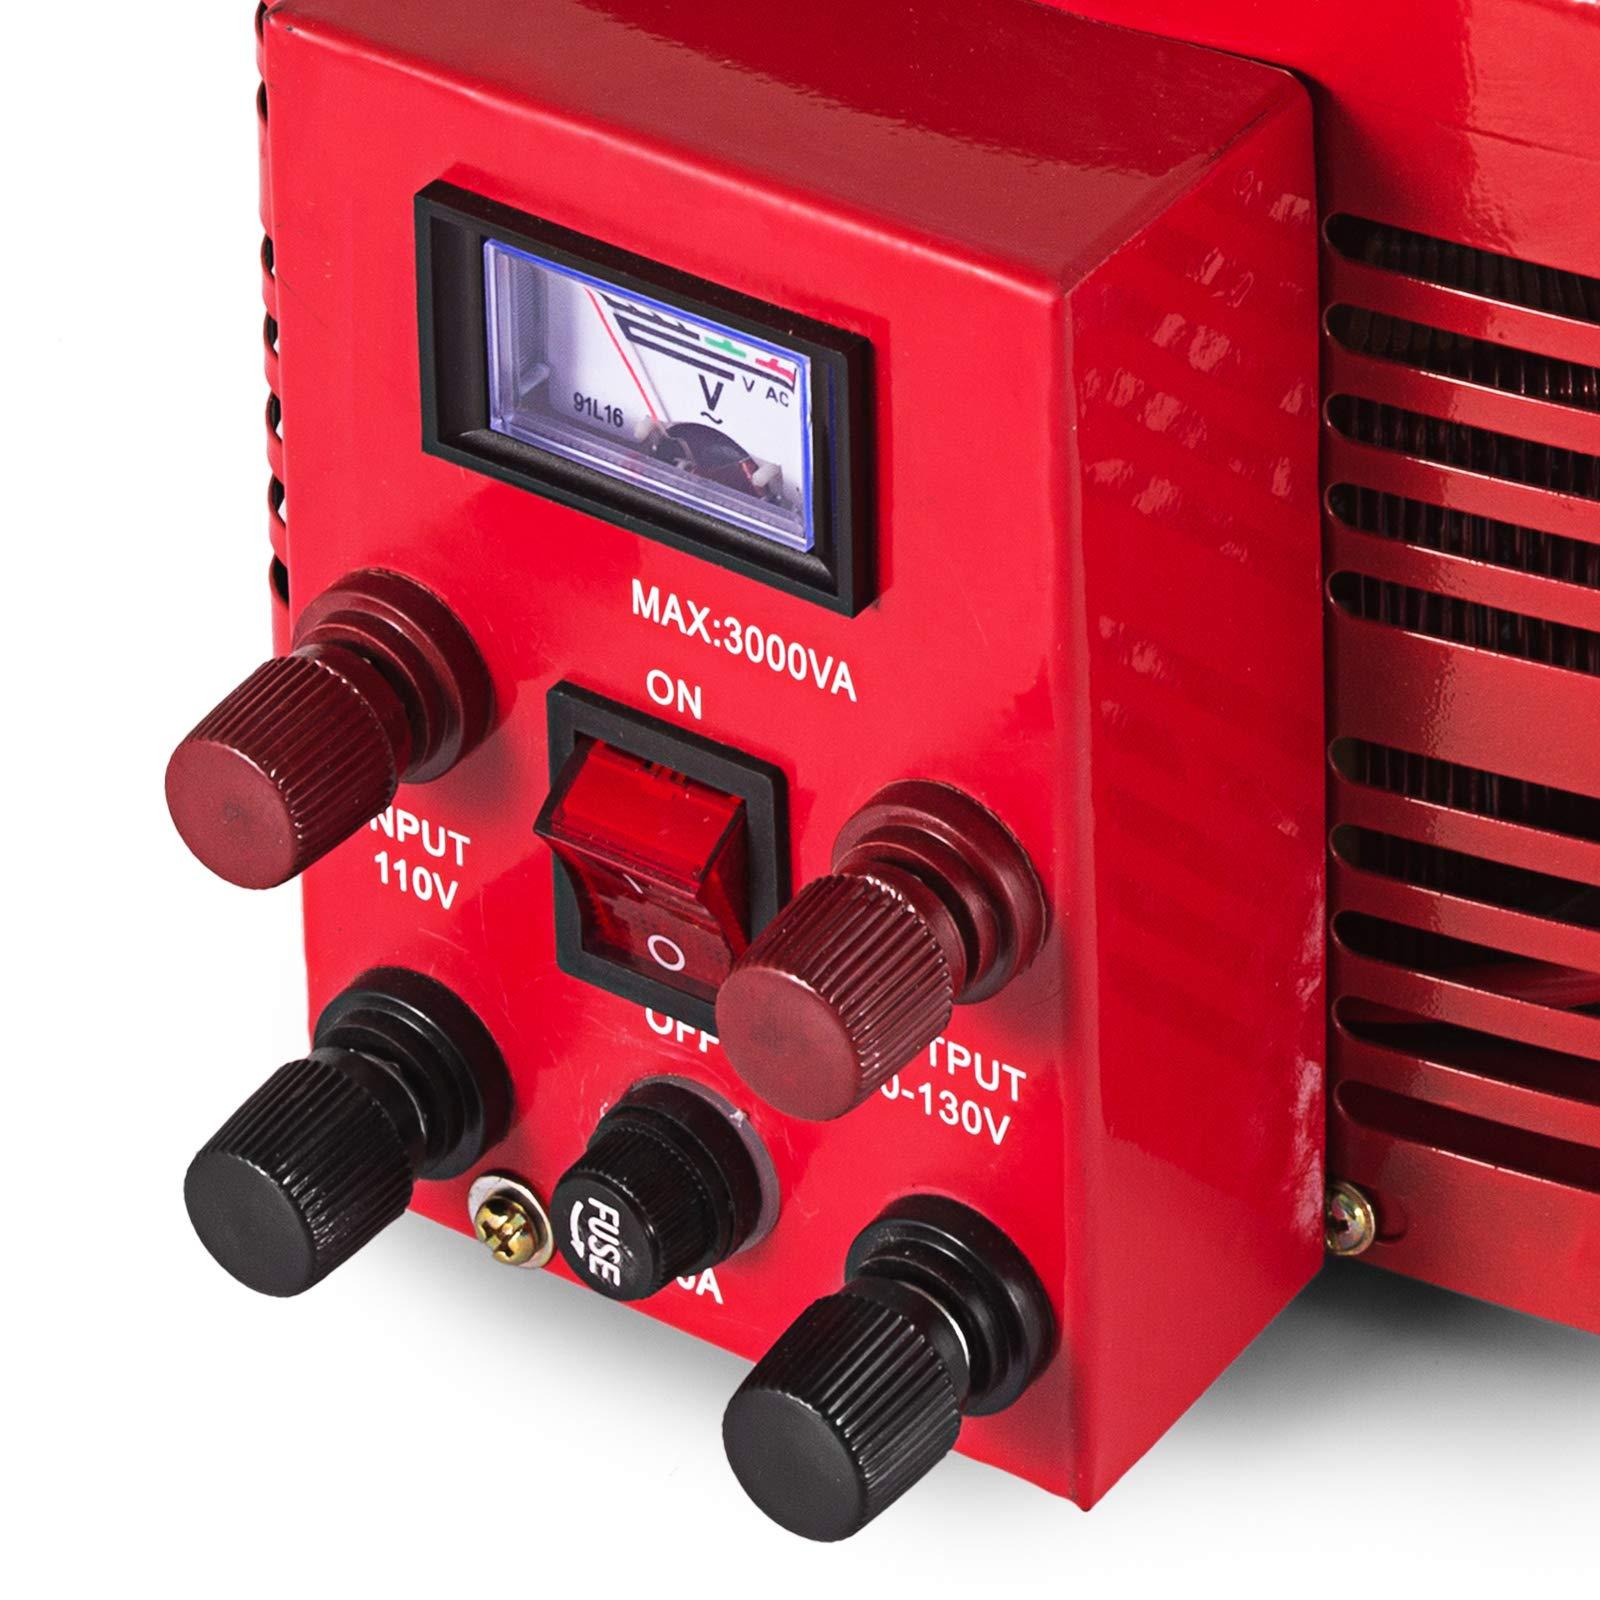 VEVOR 3KVA Transformer Max 30 Amp Variable Transformer 0~130 Volt Output Variable AC Voltage Regulator for Industries Equipment Appliances by VEVOR (Image #8)